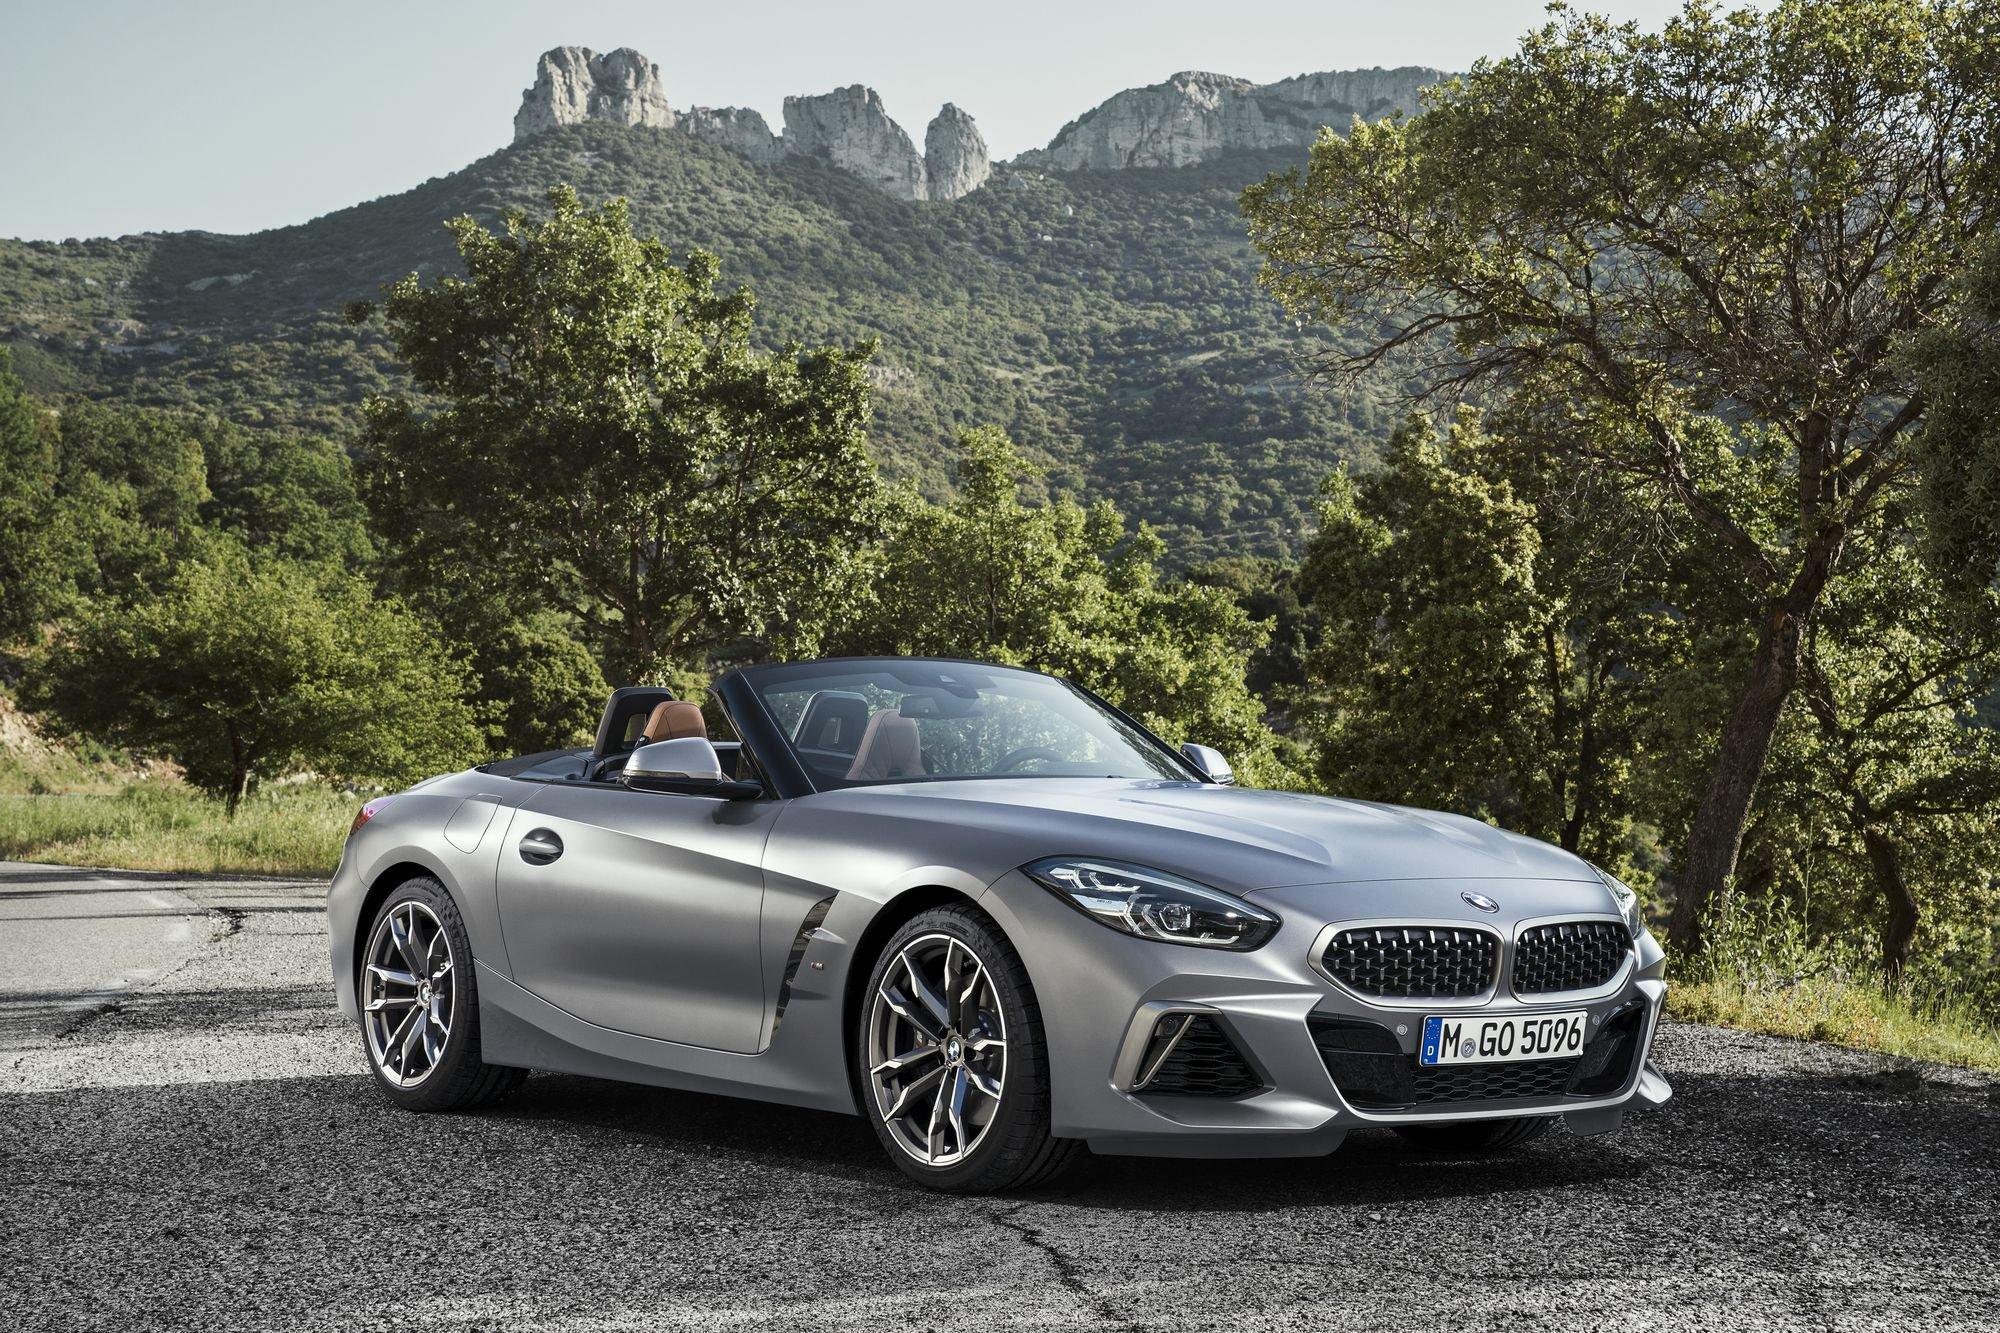 شاهد: BMW تكشف لأول مرة عن مواصفات فئات عائلة Z4 الجديدة